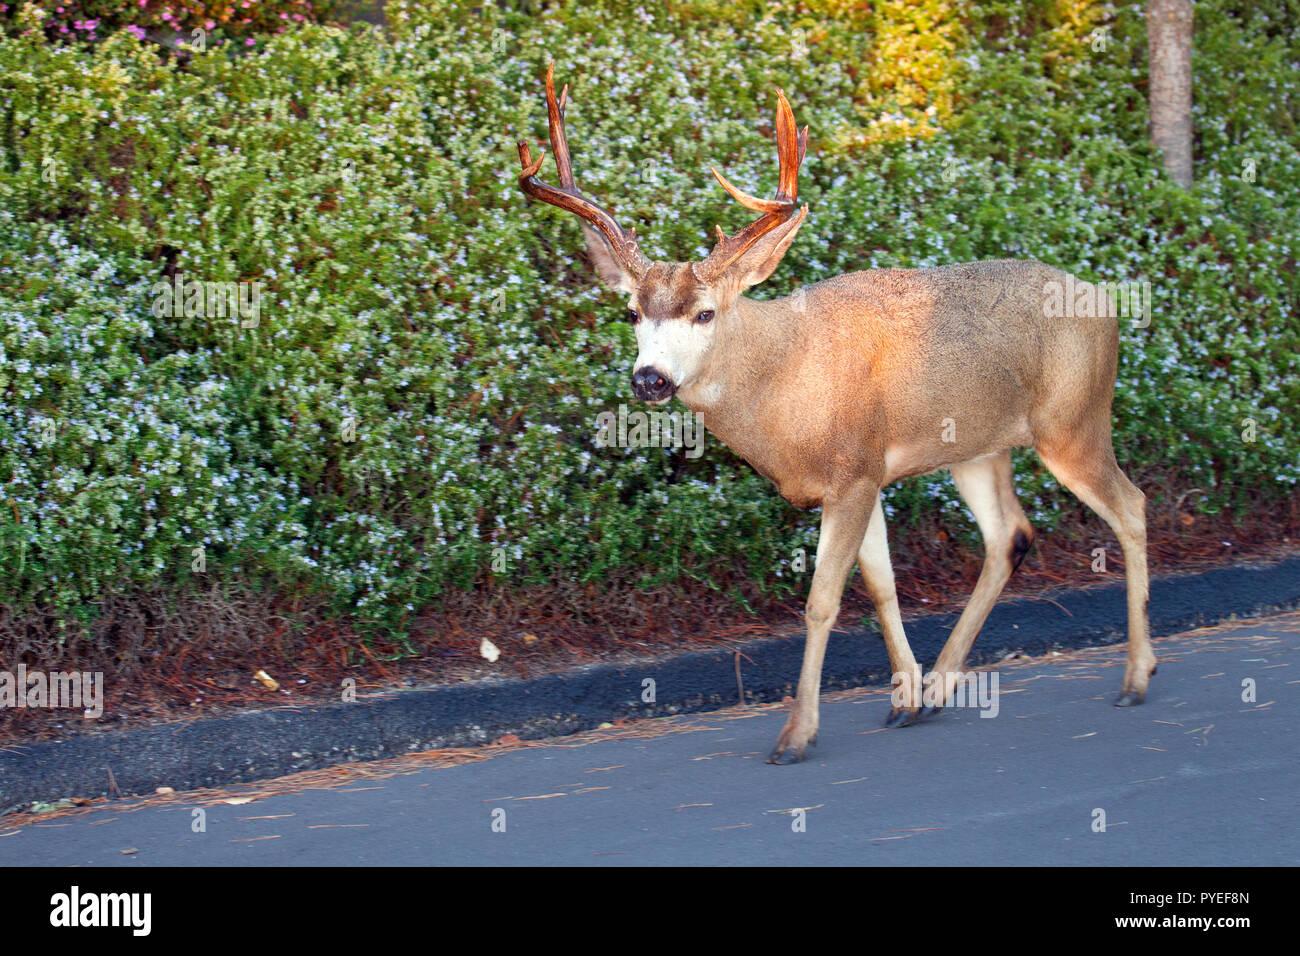 Blacktail Deer Buck Walking on Road - Stock Image